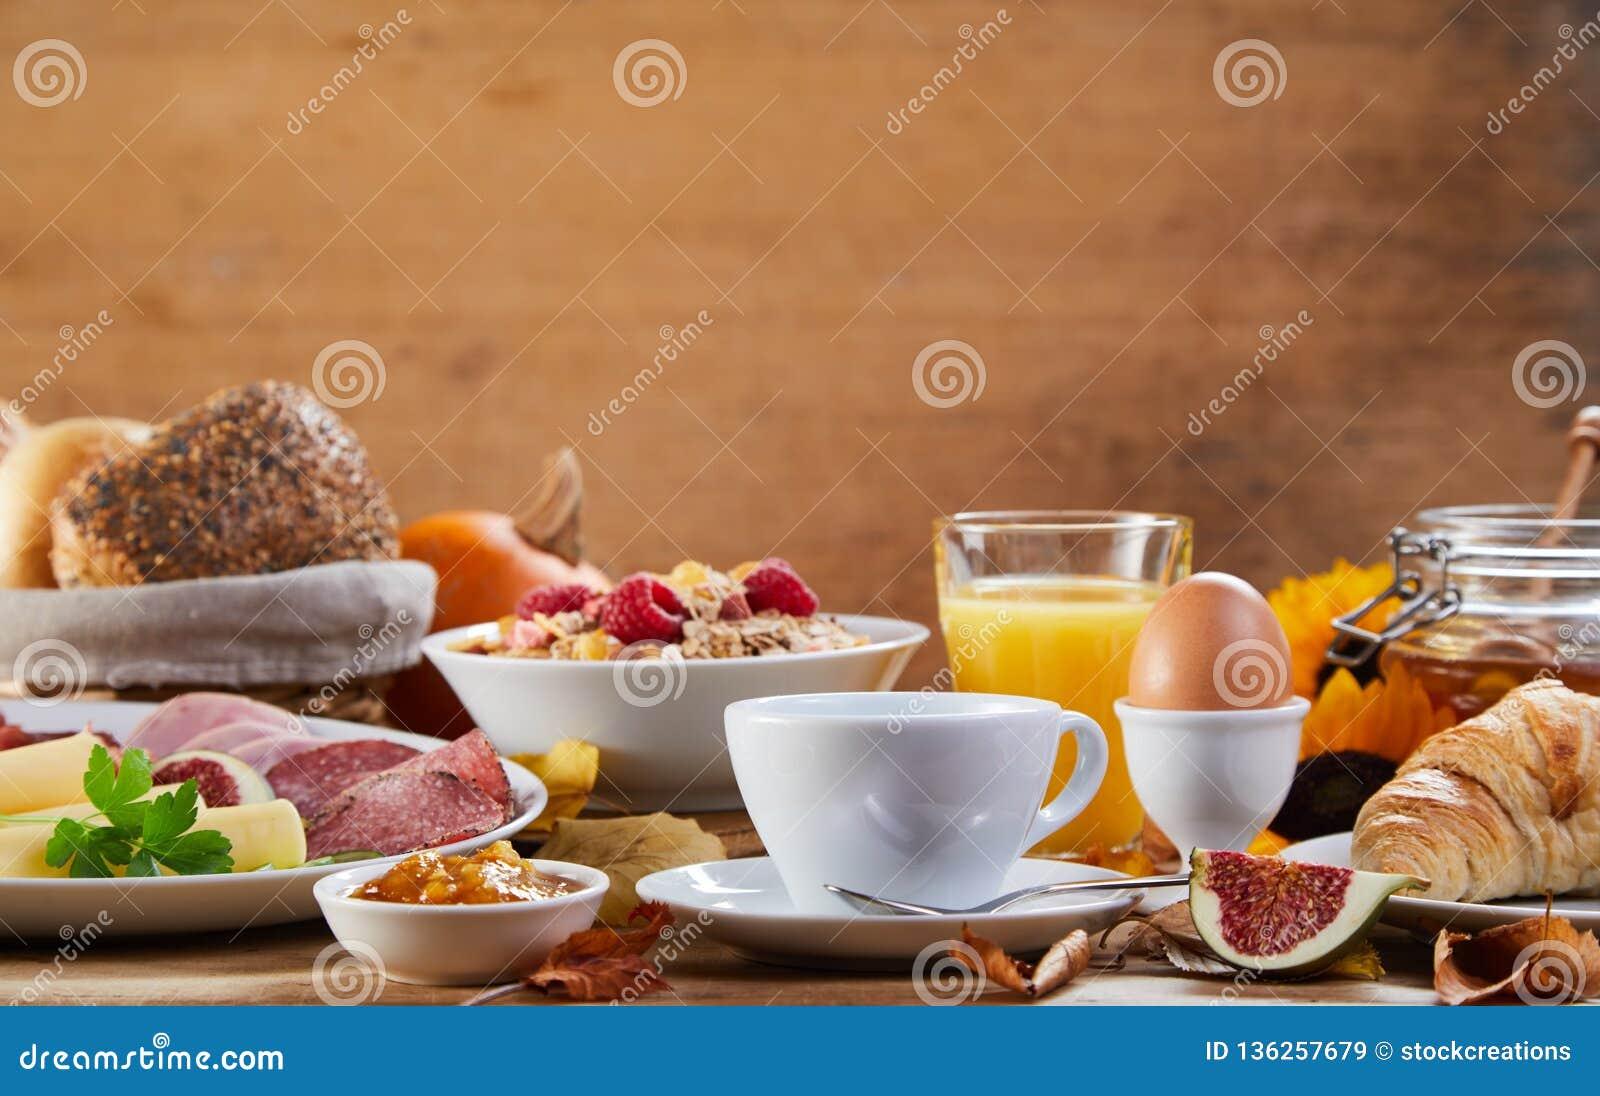 Seitenansicht der Tabelle mit Frühstücksmahlzeit